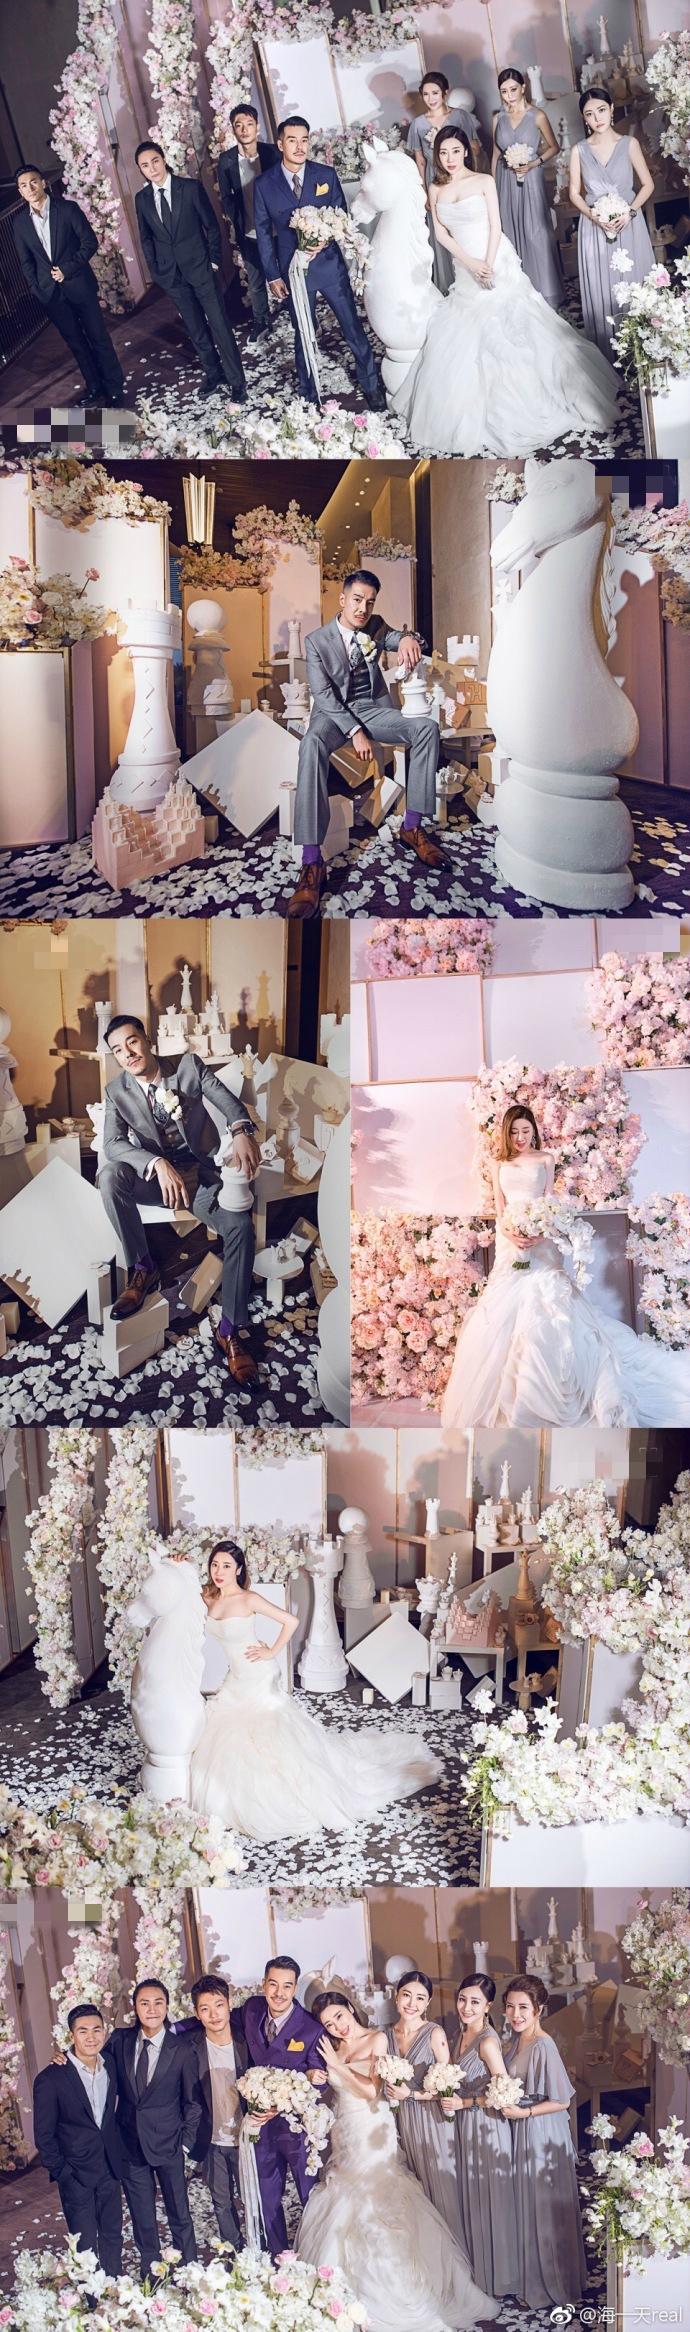 海一天晒婚礼照温馨浪漫 李冰冰陈坤廖凡何冰等齐现身